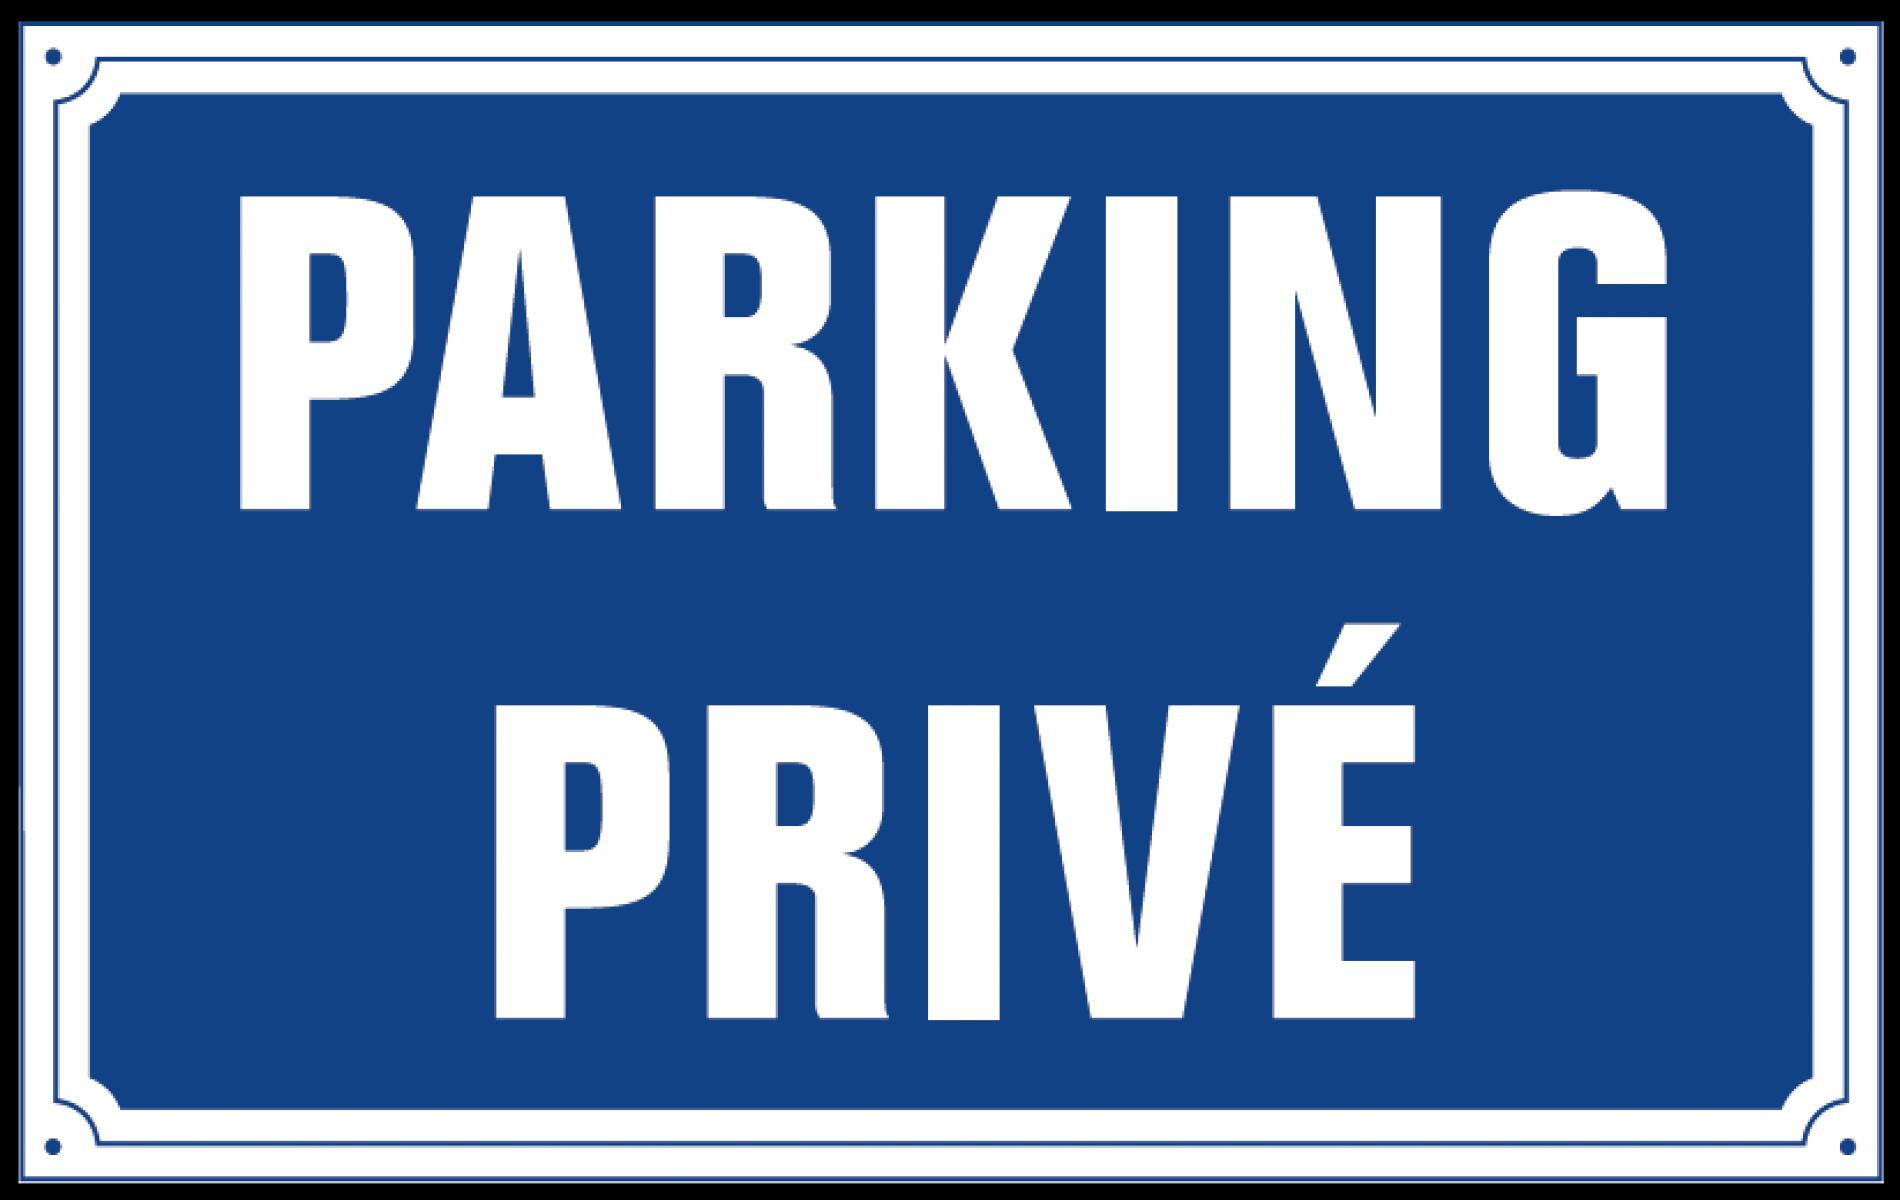 Parking gratuit et privé